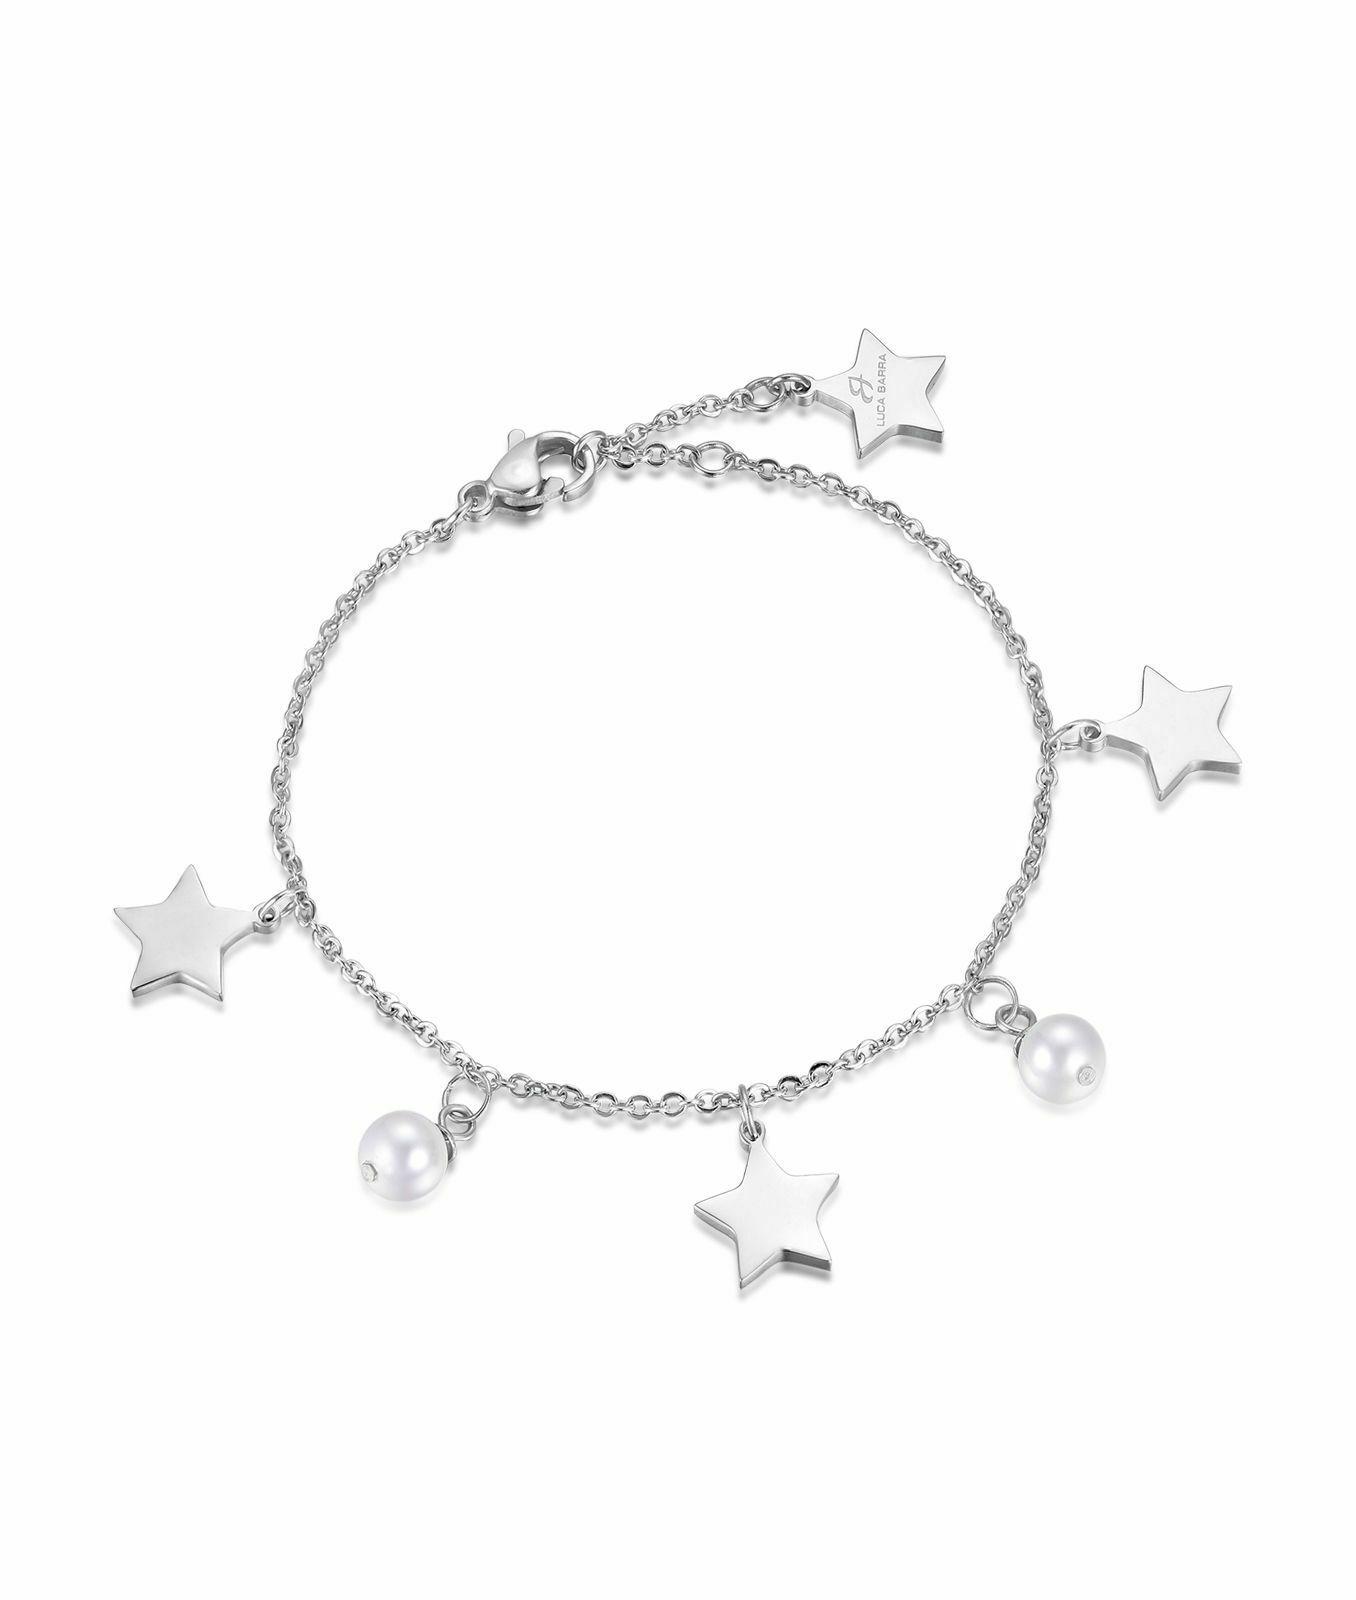 Bracciale donna Luca Barra con ciondoli con stelle e perle bianche  BK1685